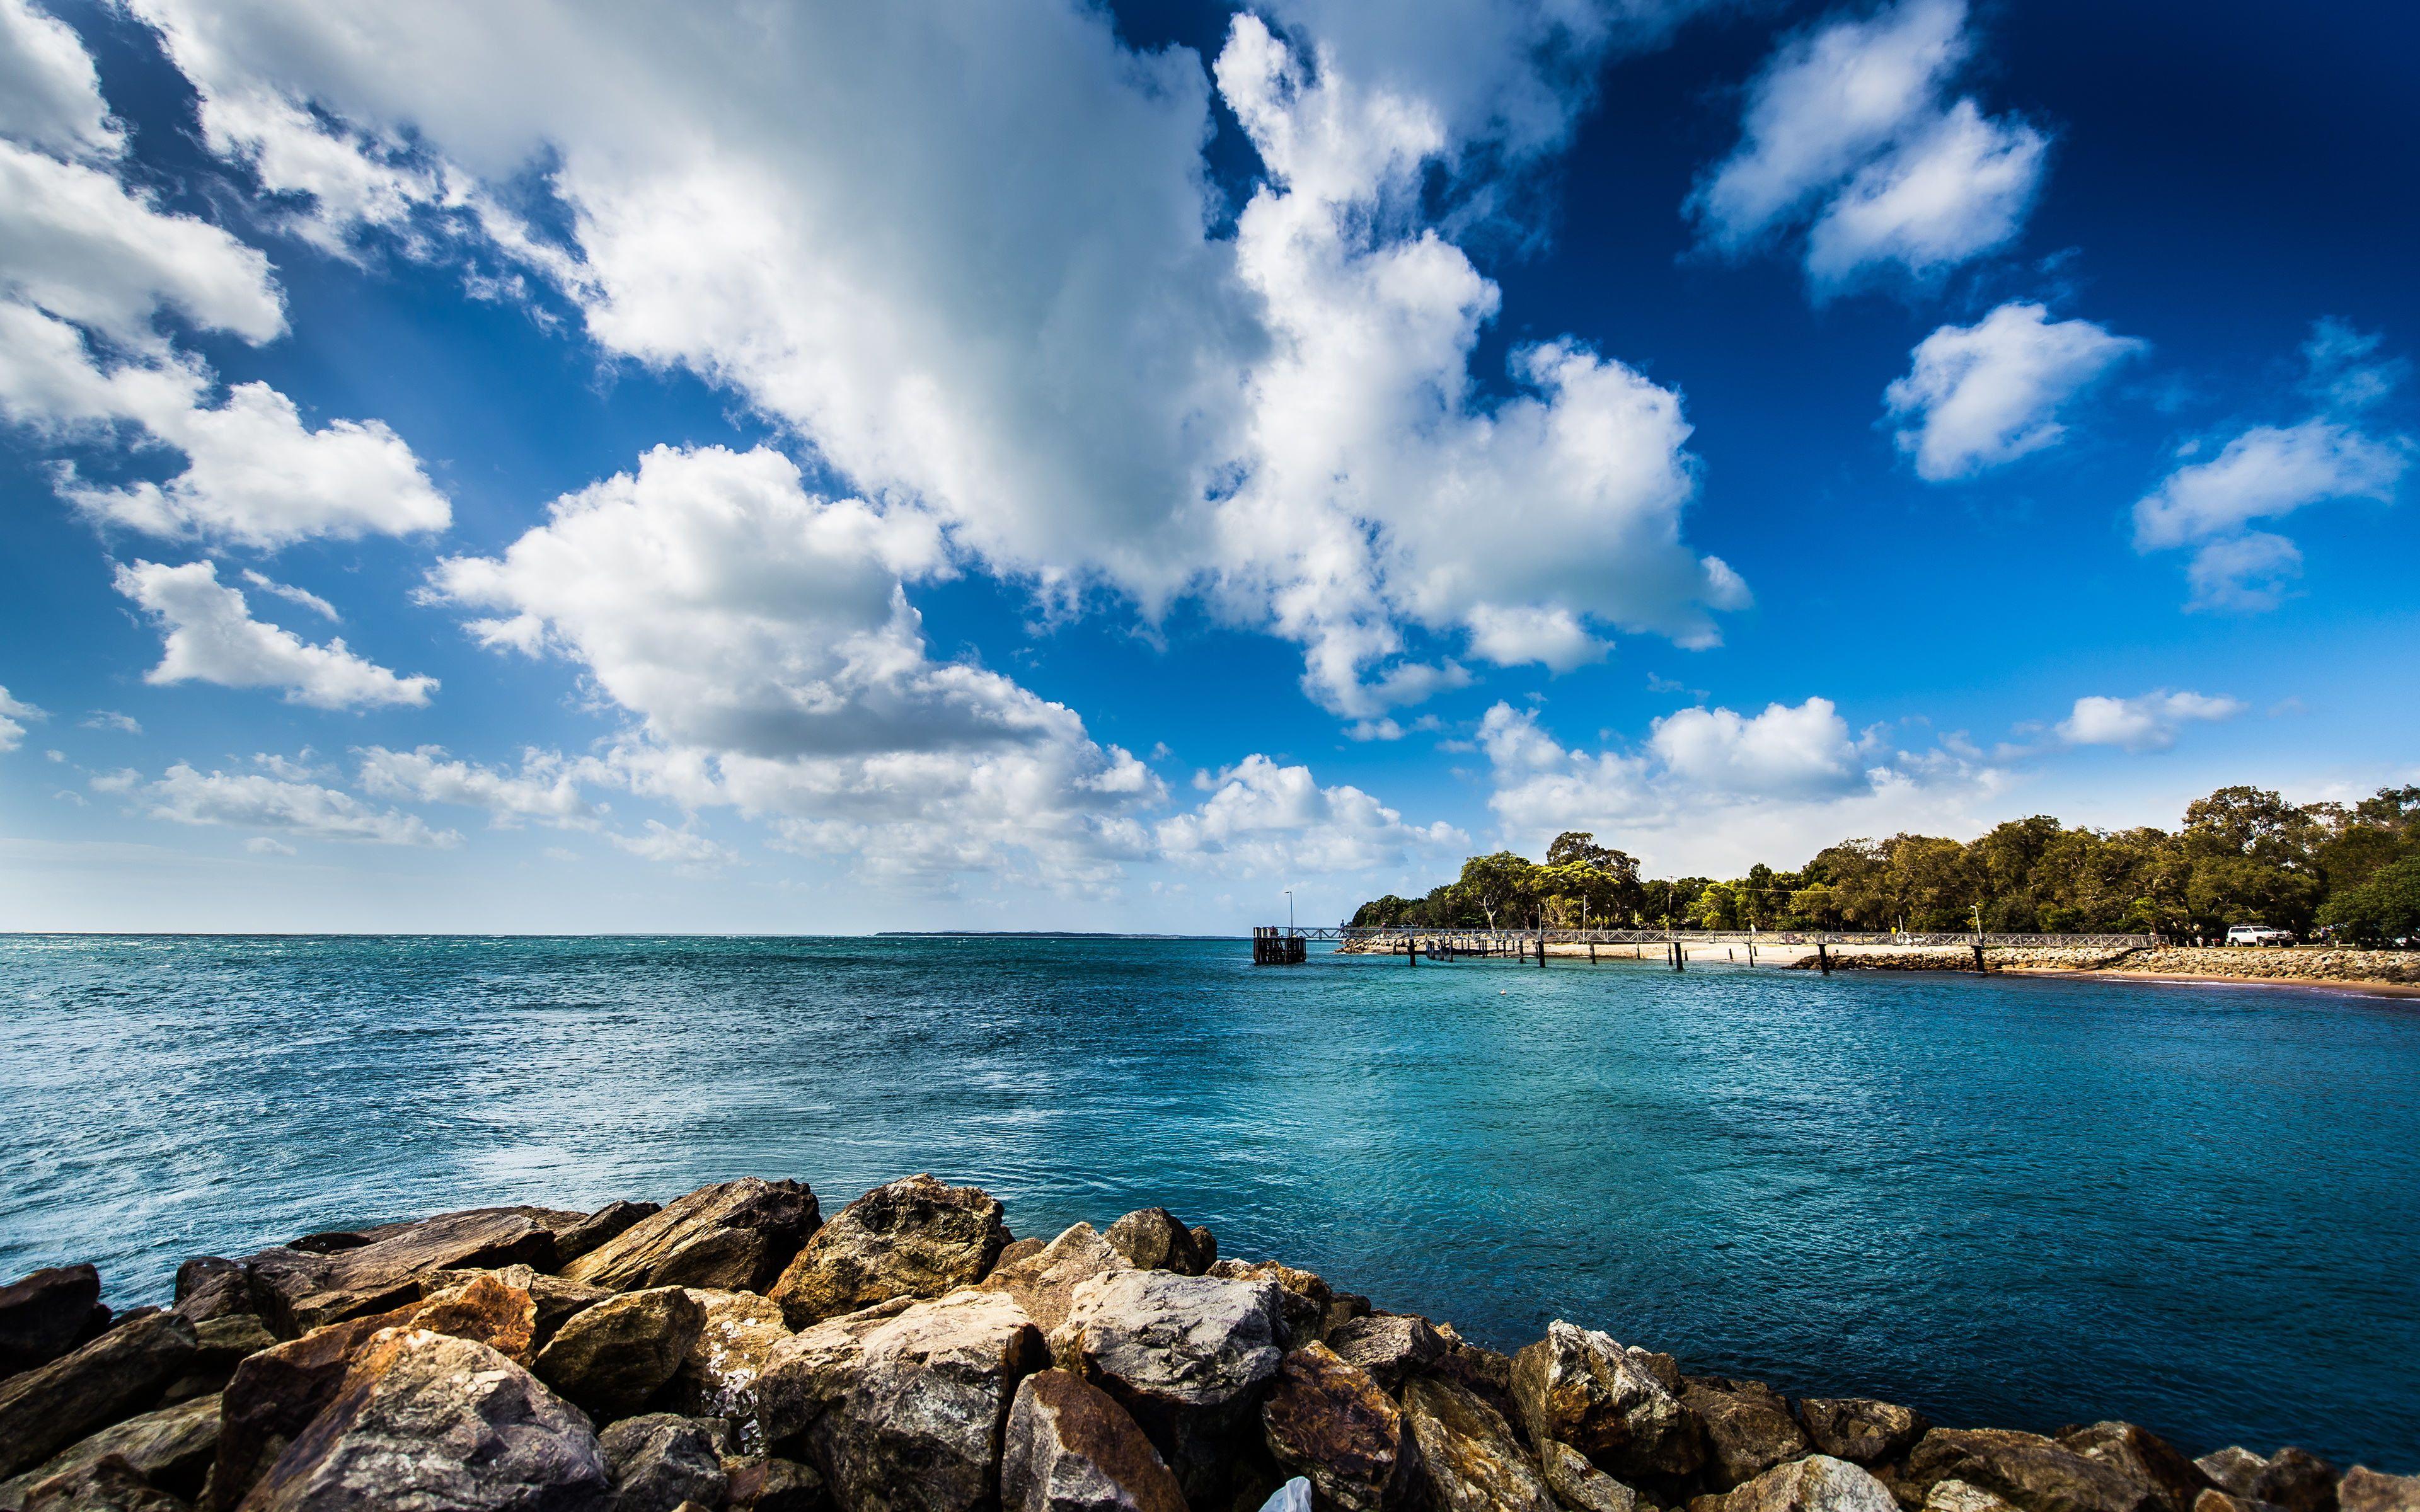 中国最美景色4k超清电脑桌面壁纸 一 风景壁纸 壁纸下载 美桌网 Ocean Wallpaper Ocean Landscape Hd Landscape